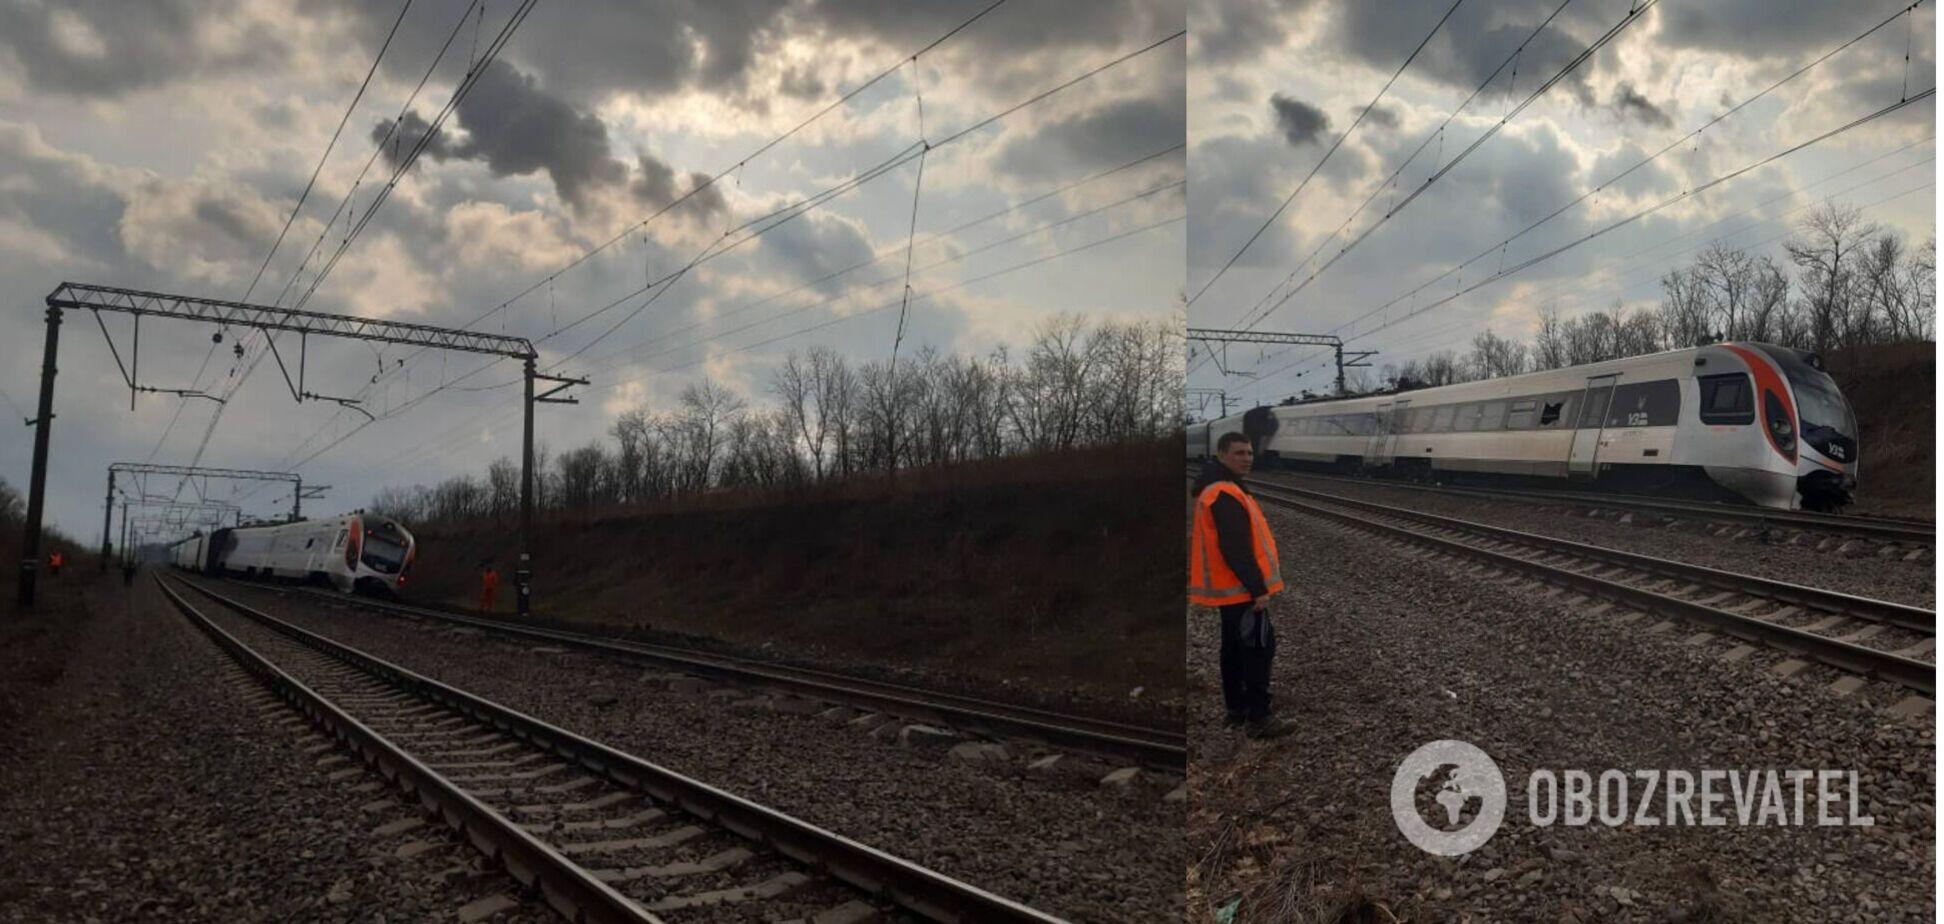 Крушение поезда Интерсити: настоящих виновных так и не наказали